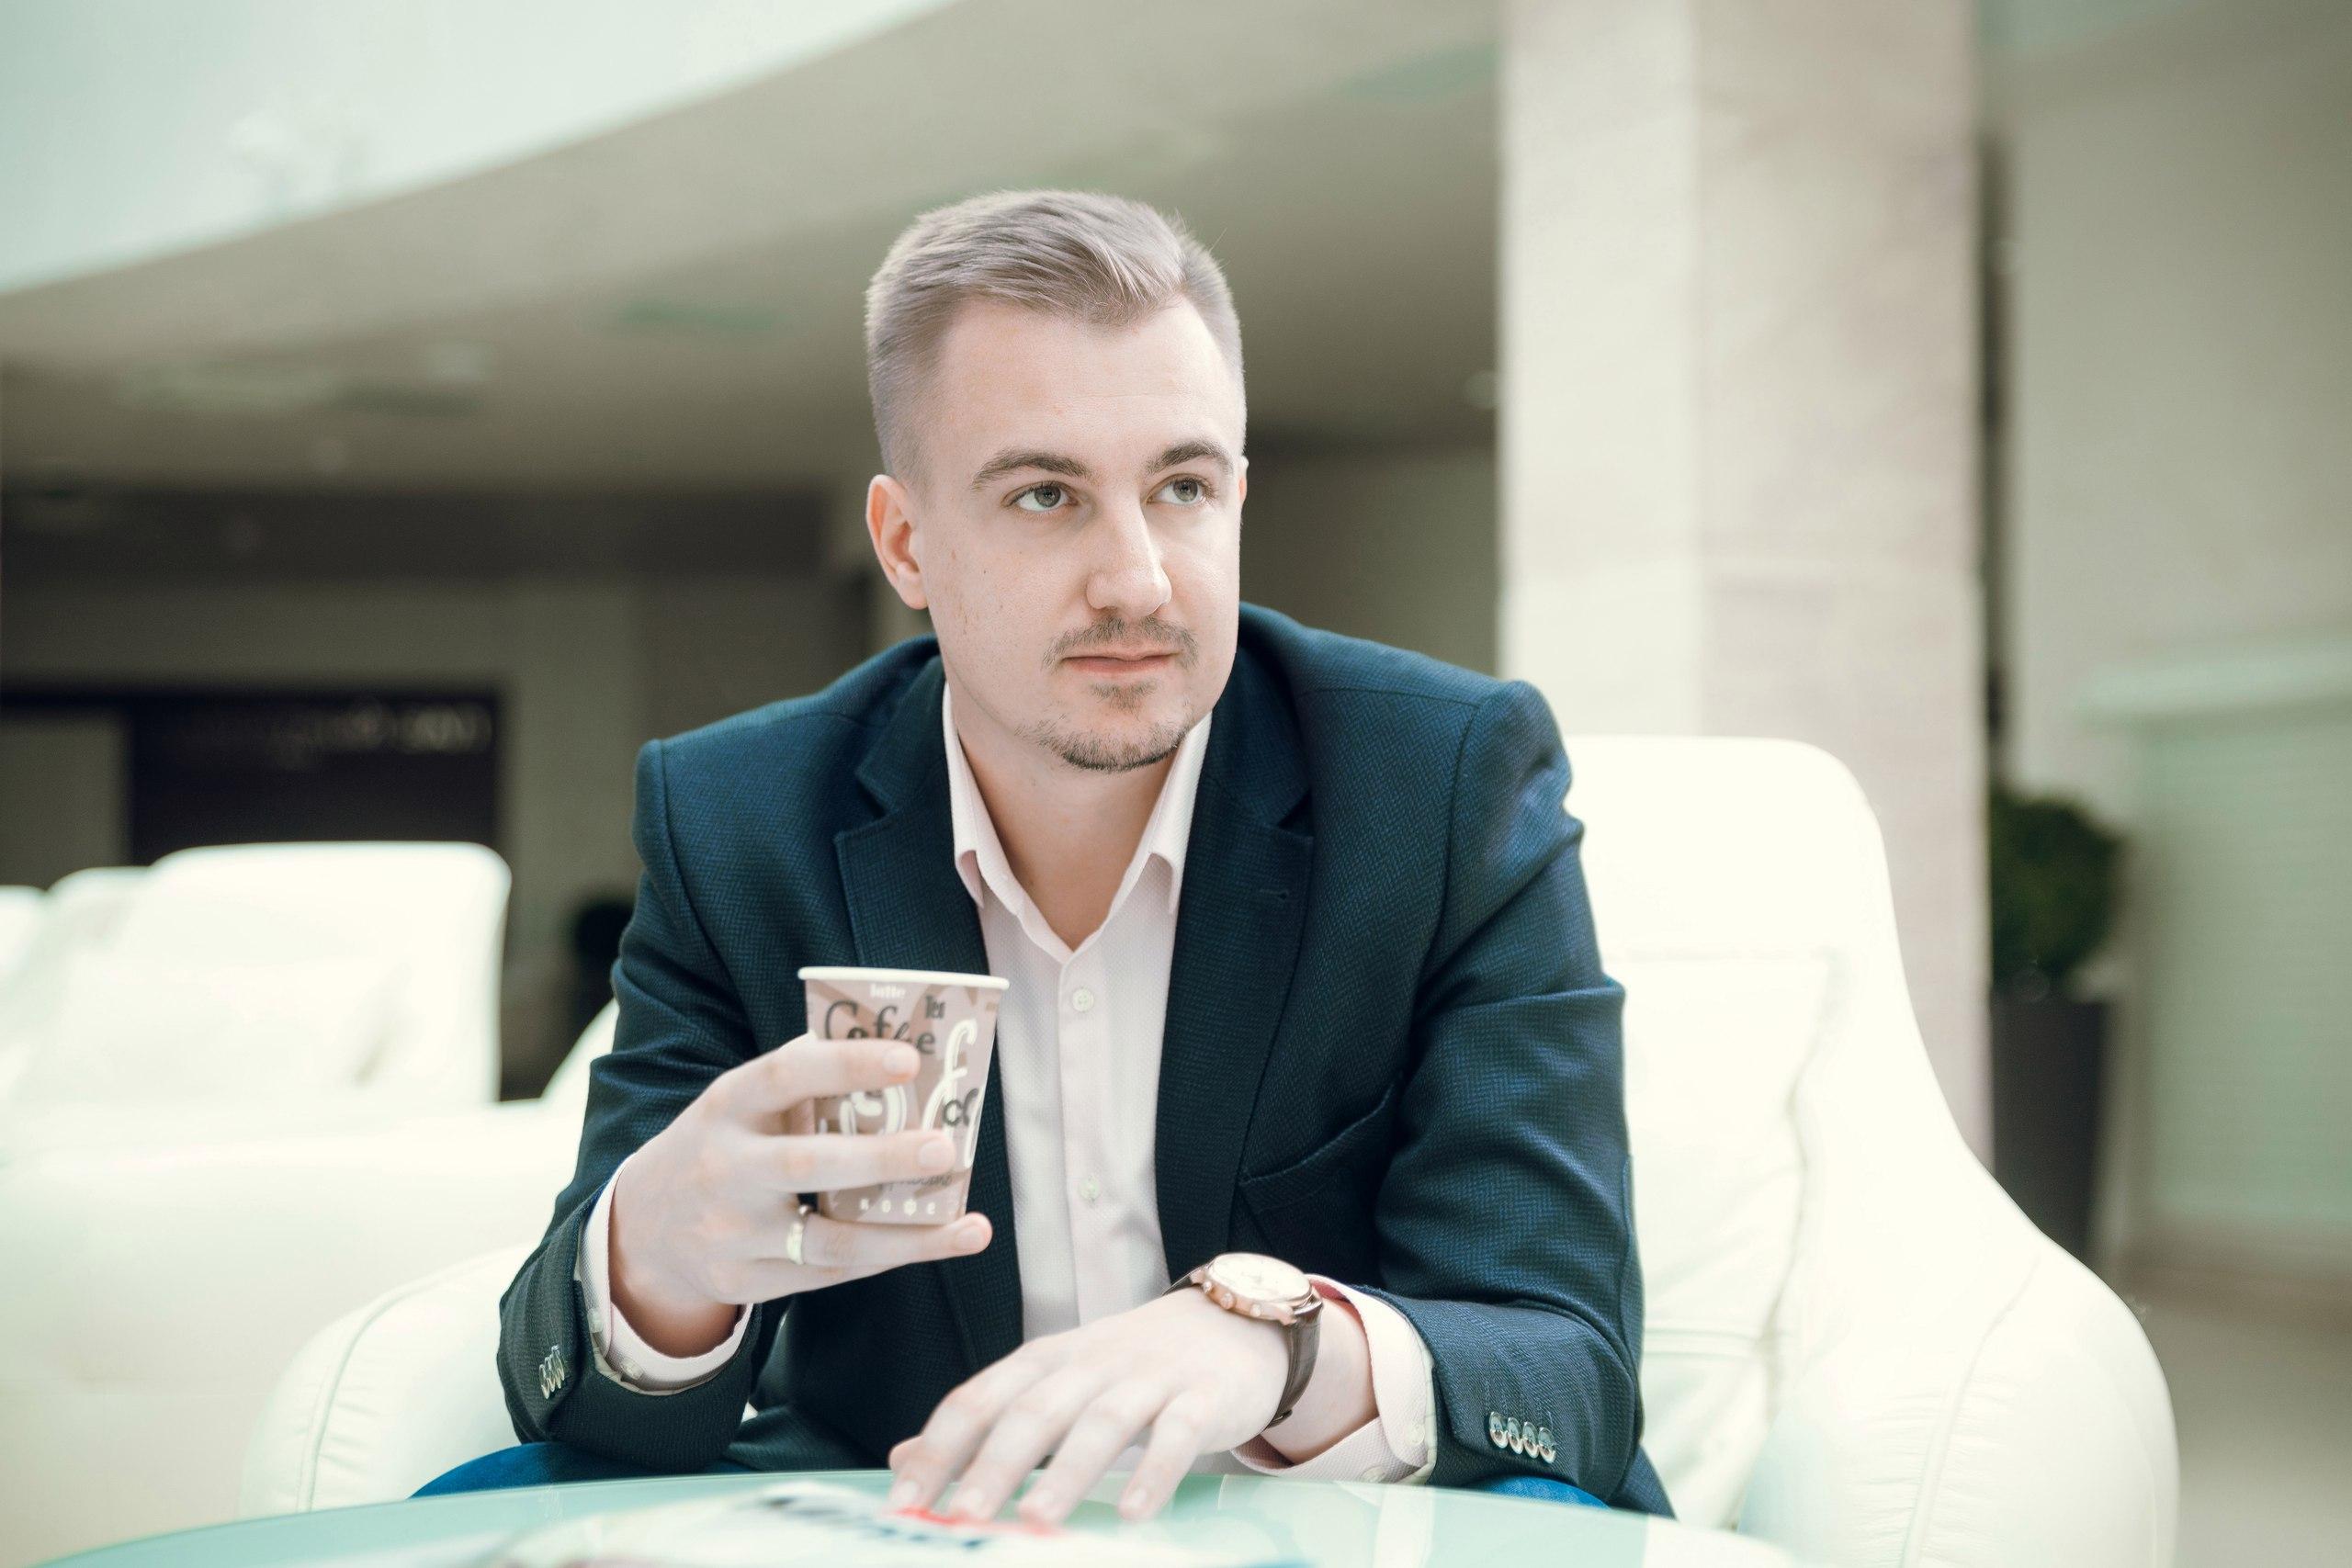 Андрей рассказал о съемках вирусной рекламы в Минске